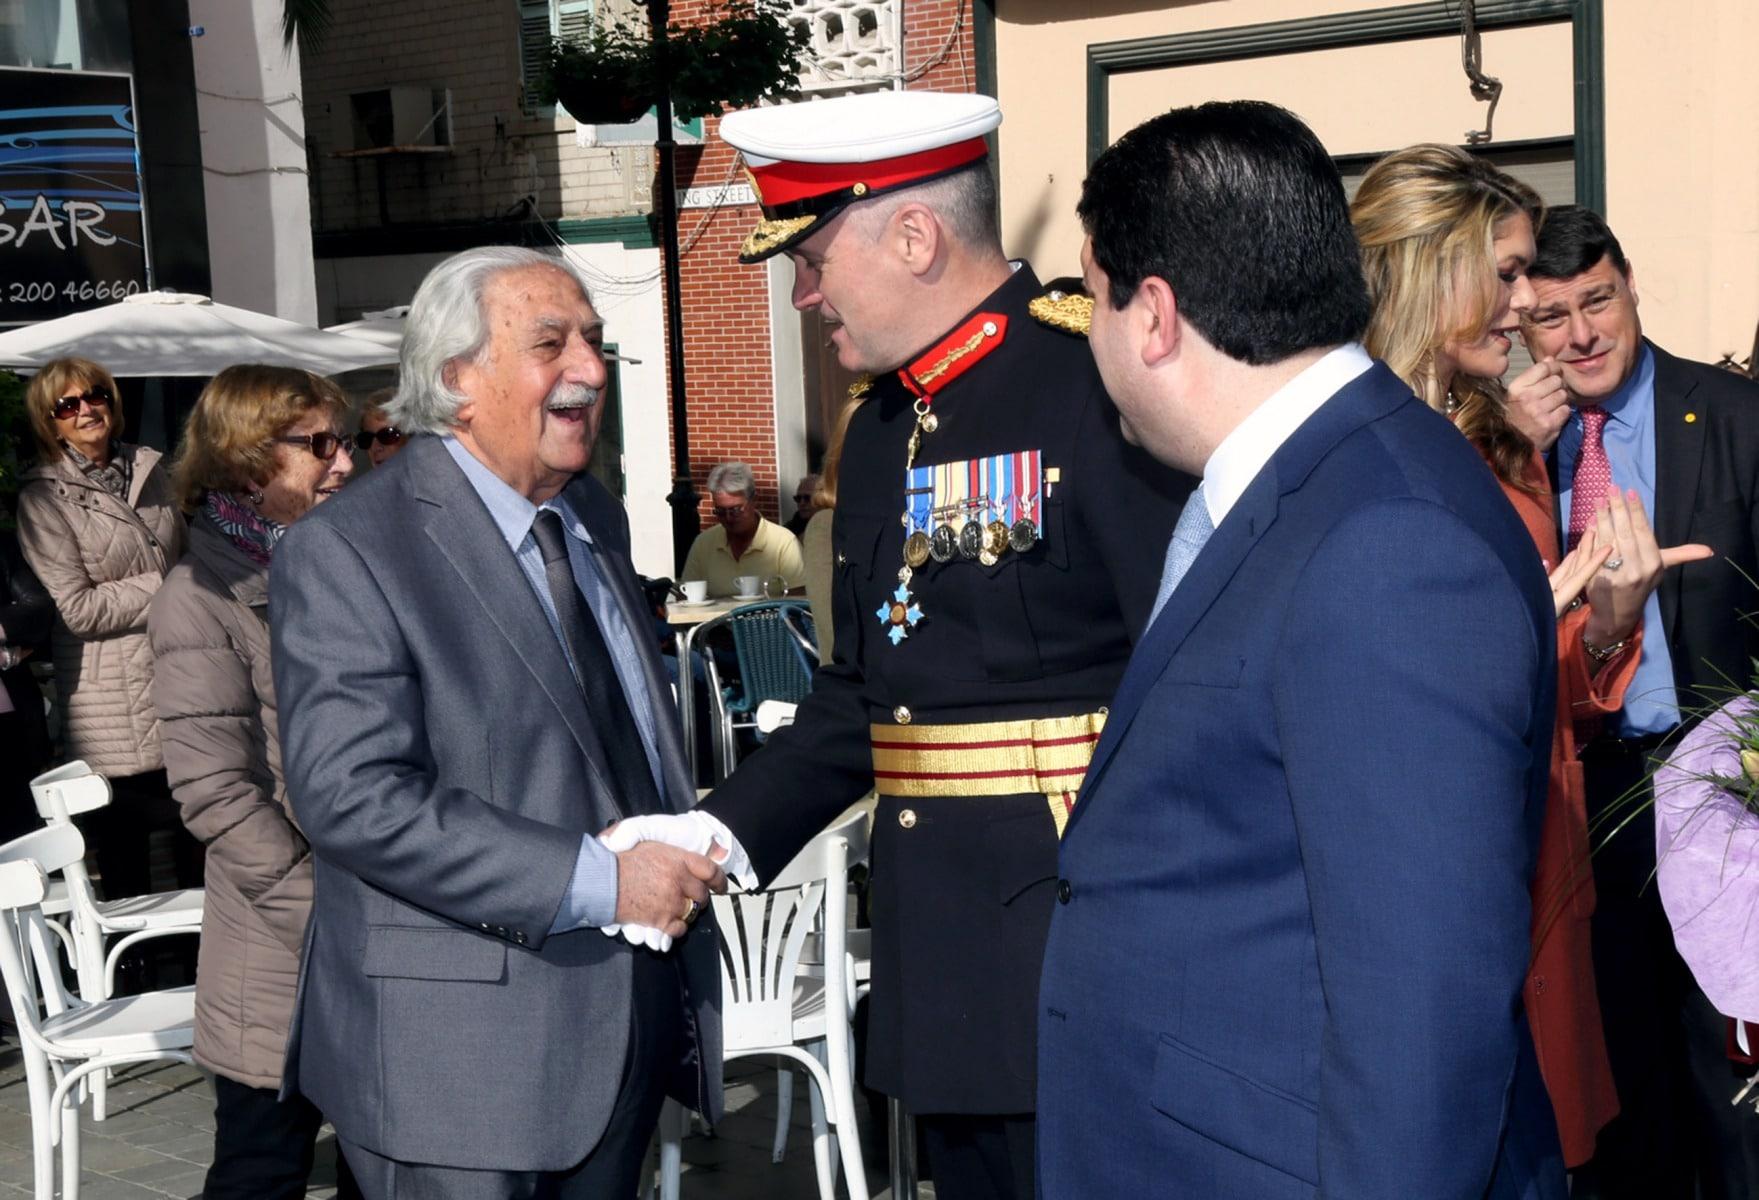 gobernador-de-gibraltar-edward-davis_23870203653_o